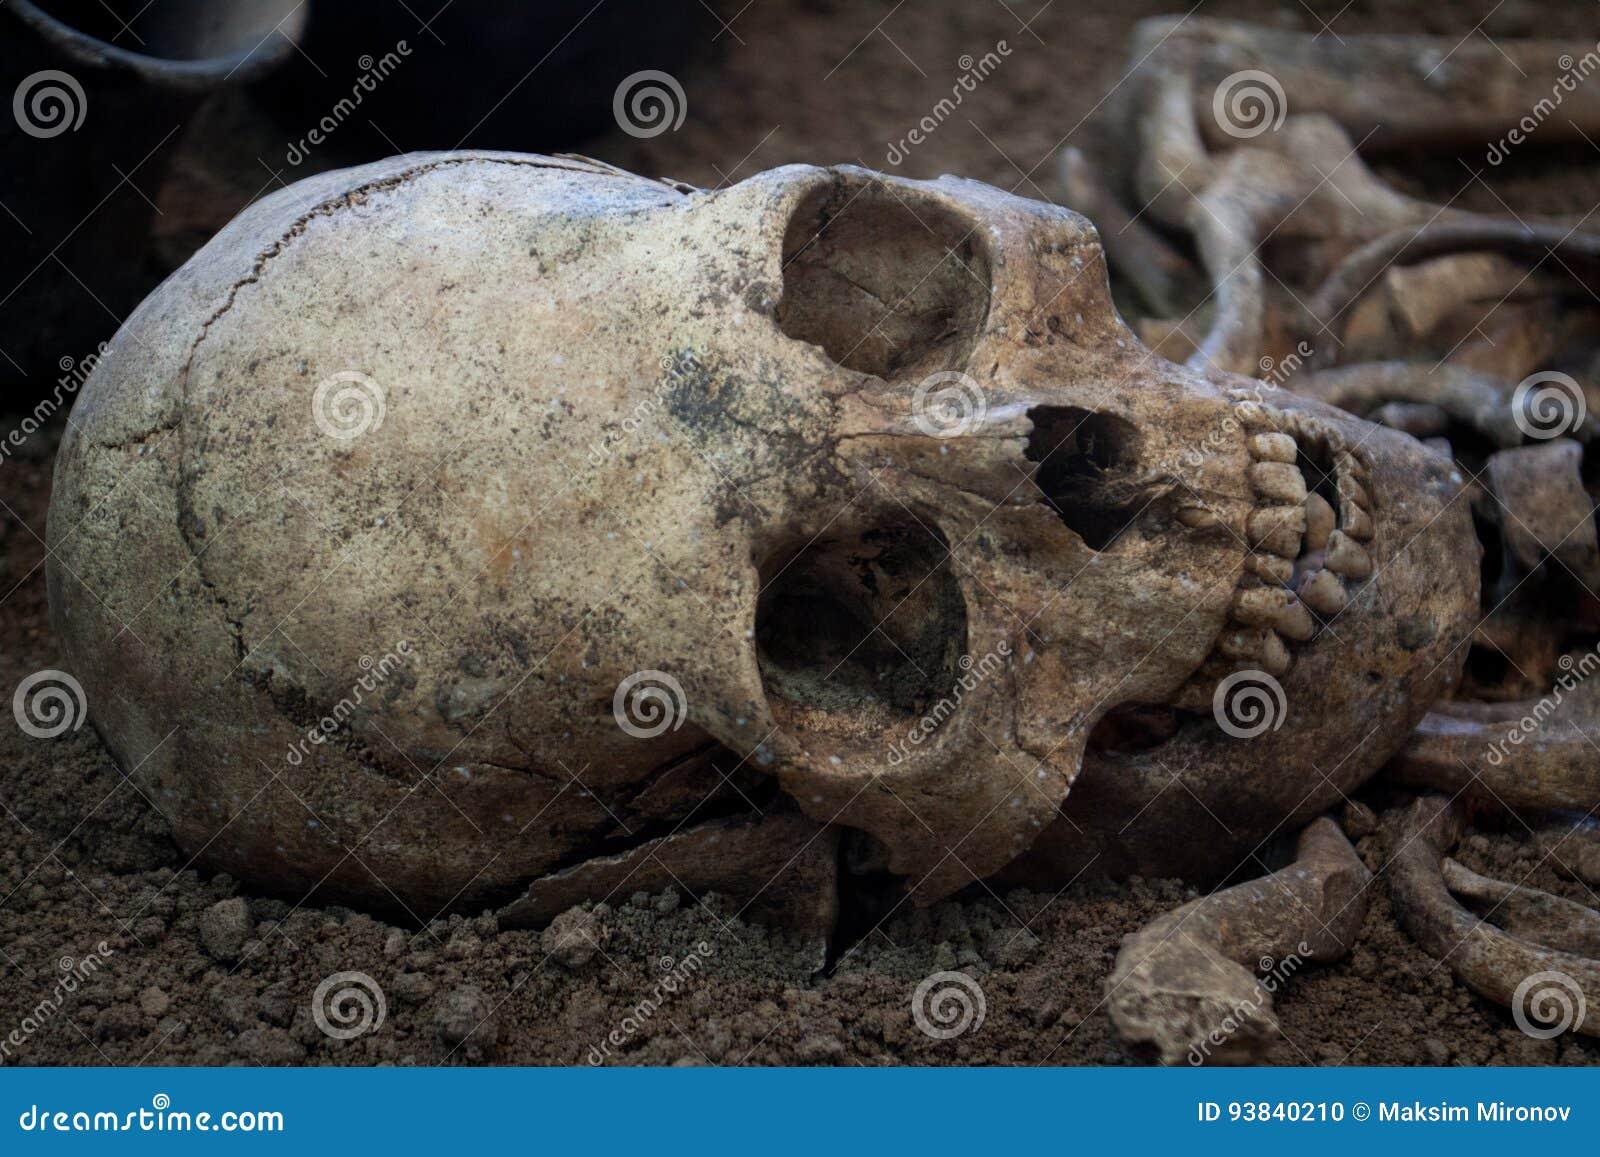 Archäologische Aushöhlungen eines alten menschlichen Skeletts und des menschlichen Schädels